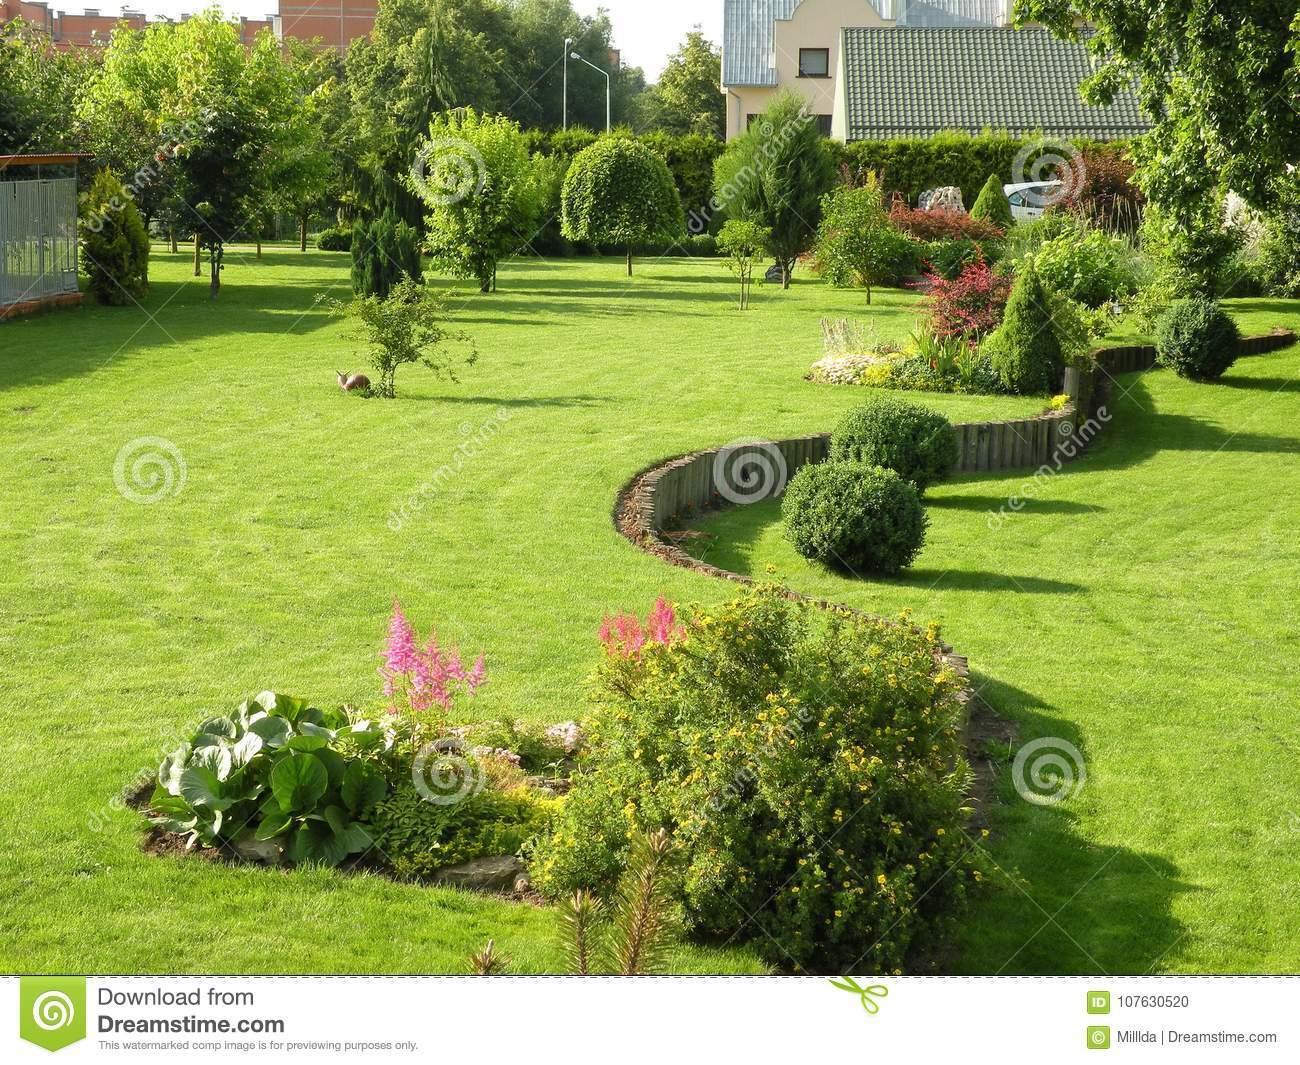 Schöner Garten Luxus Schöner Garten Nahe Haus Im sommer Litauen Stockfoto Bild